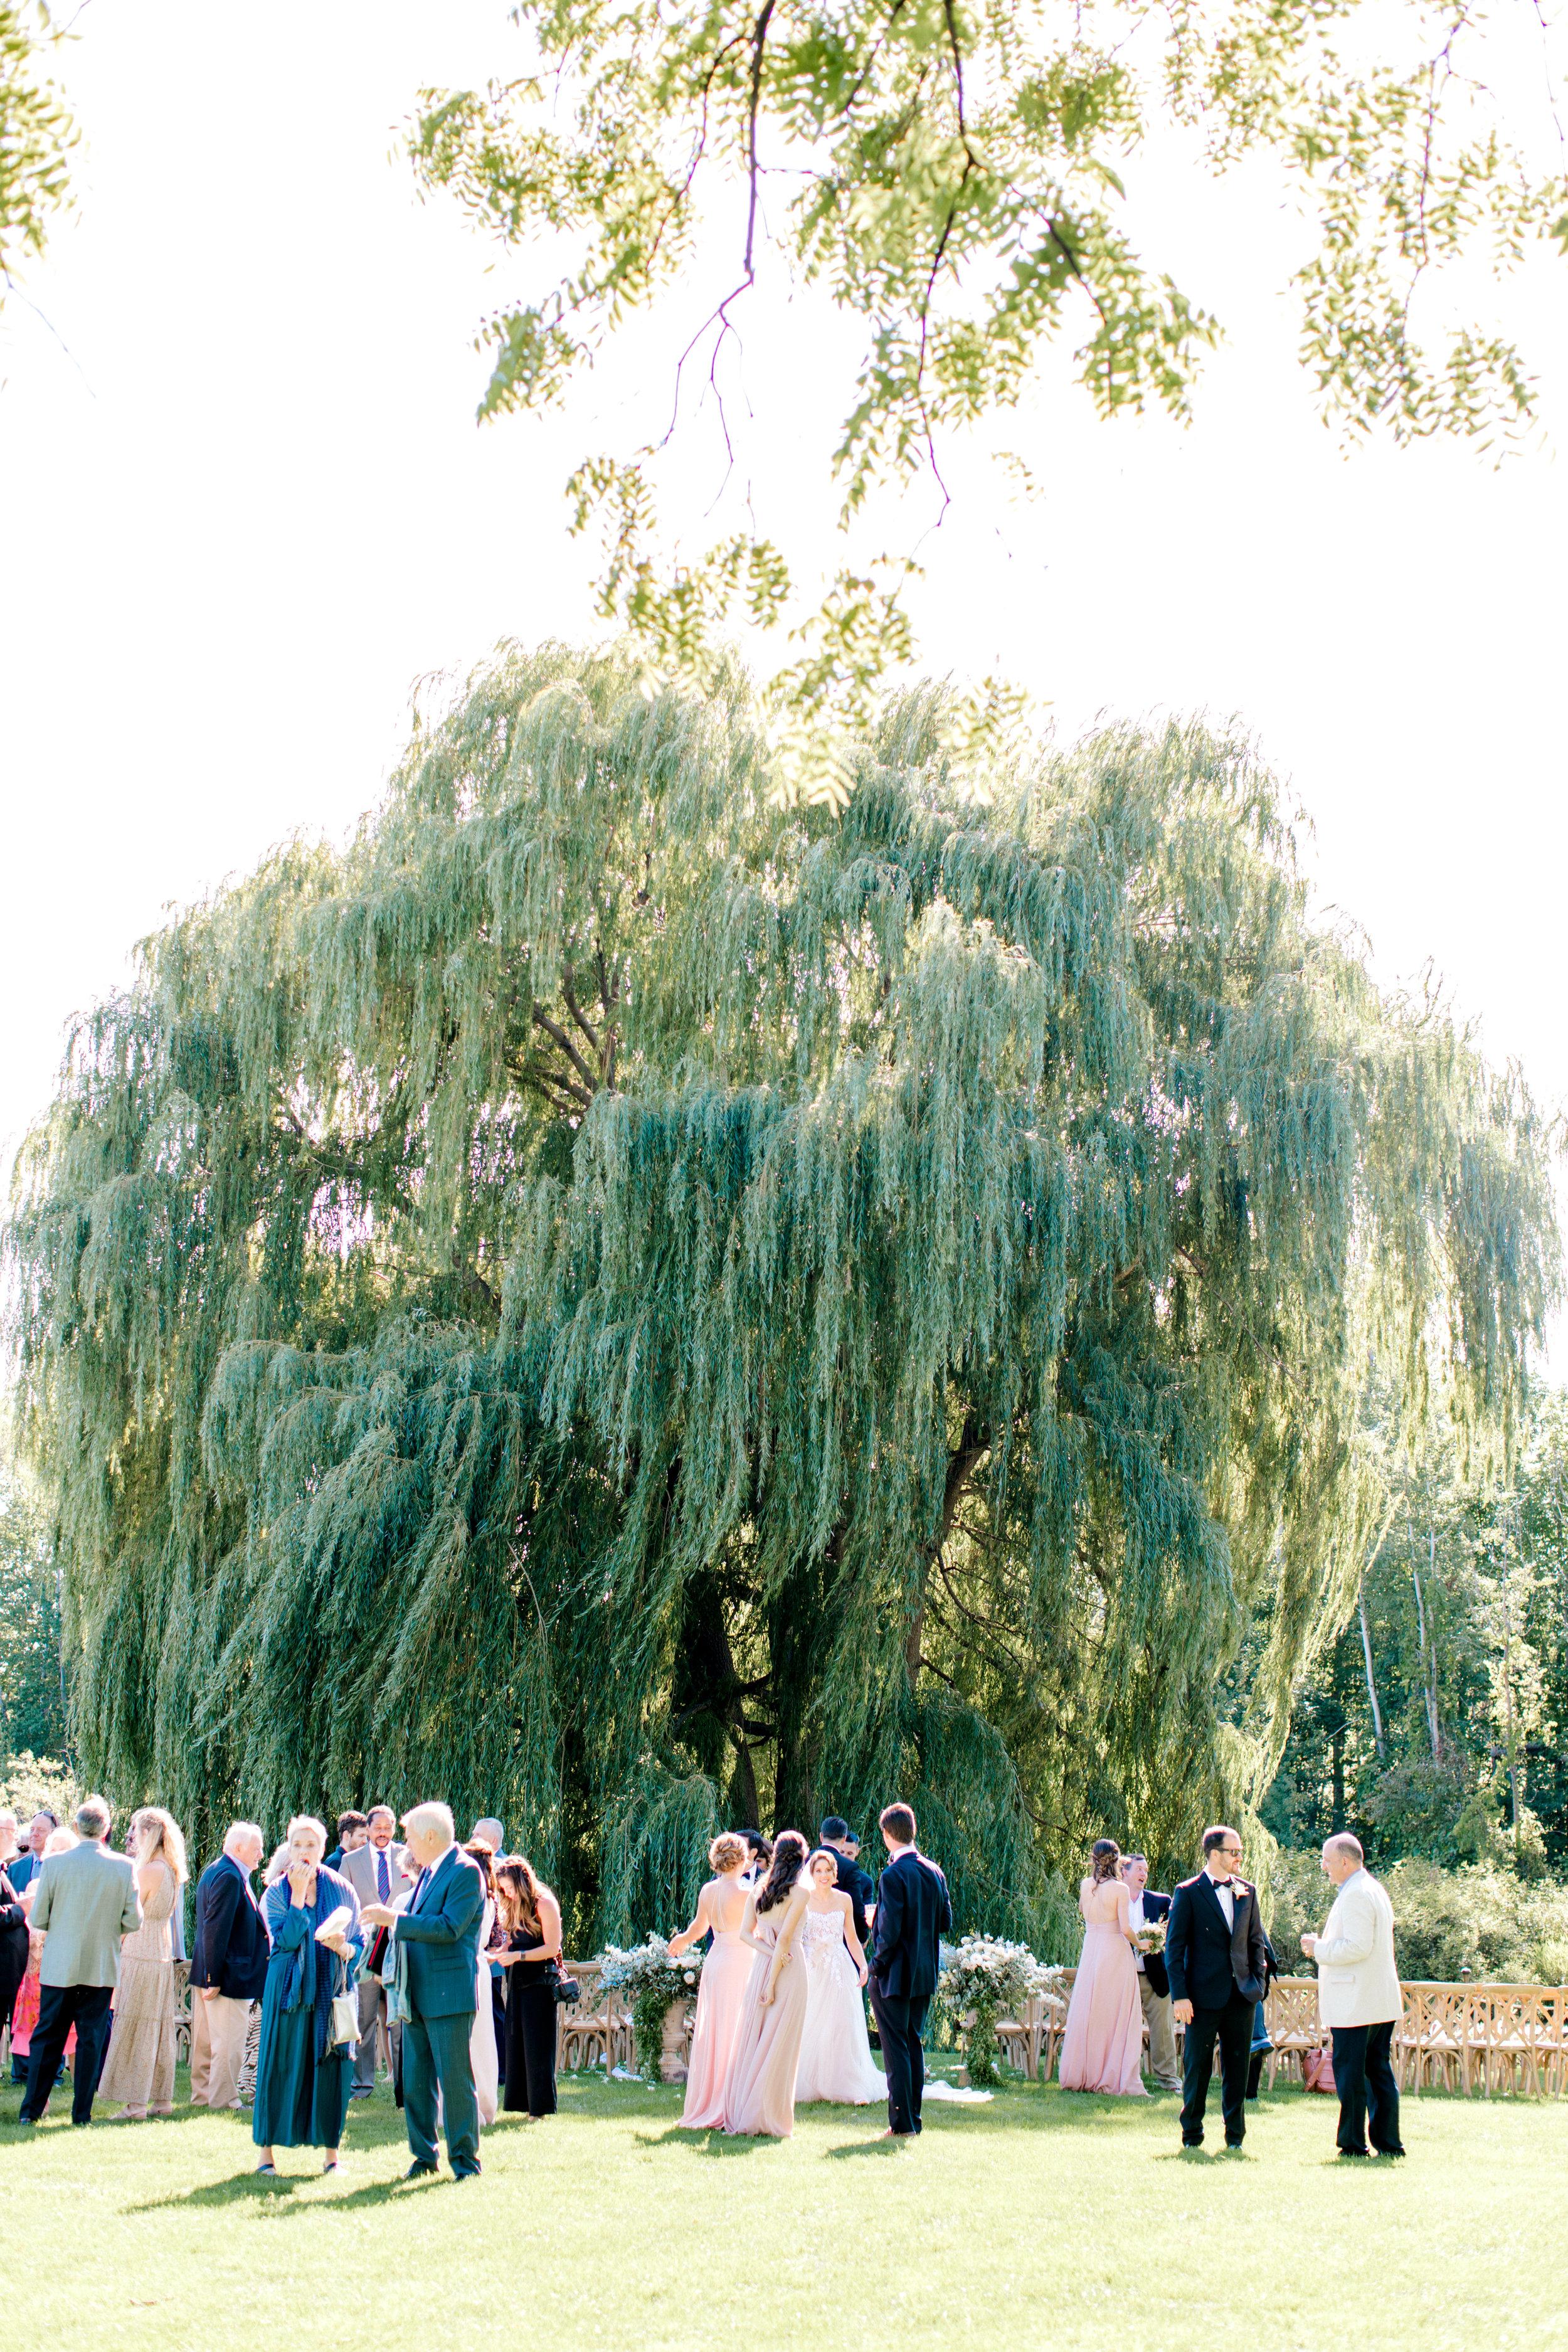 Steinlage+Wedding+Cocktail+Hour-15.jpg